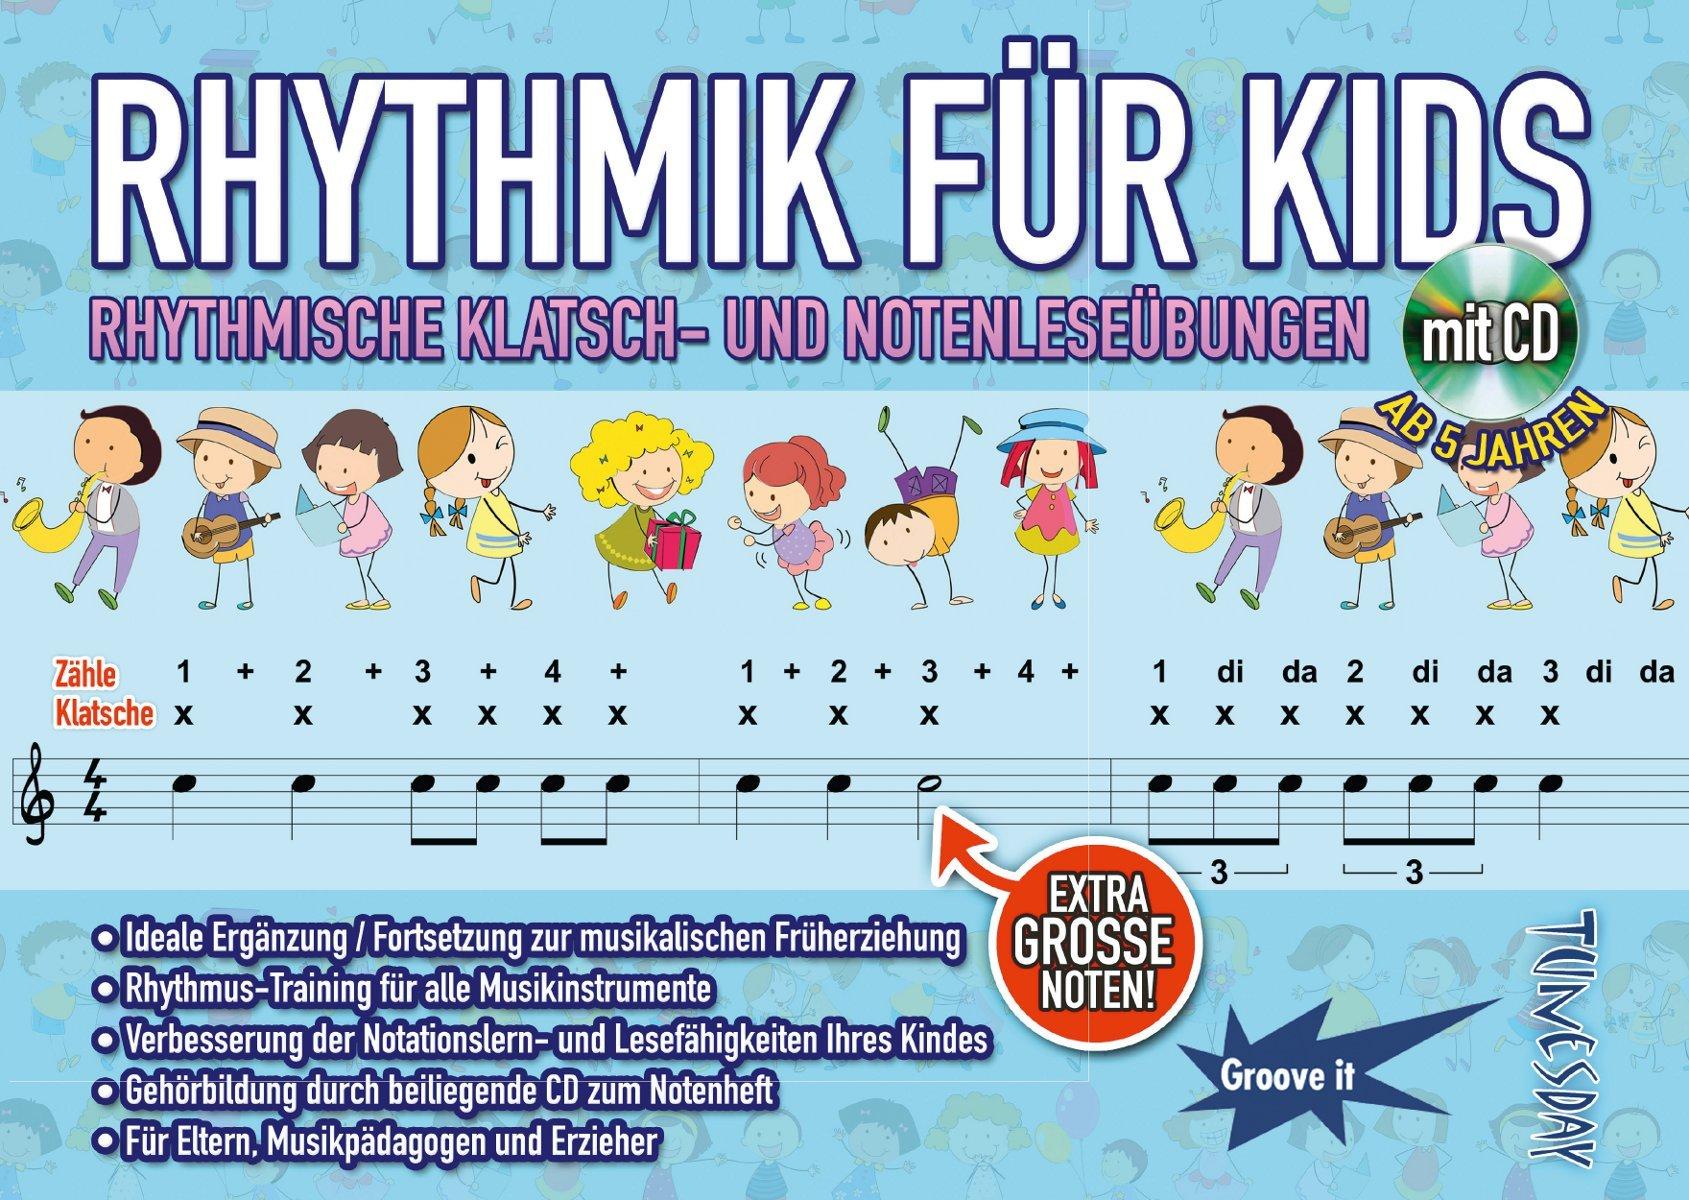 Rhythmik für Kids - Rhythmus lernen: Lese- und Klatschübungen für Kinder - mit CD - Noten musikalische Früherziehung